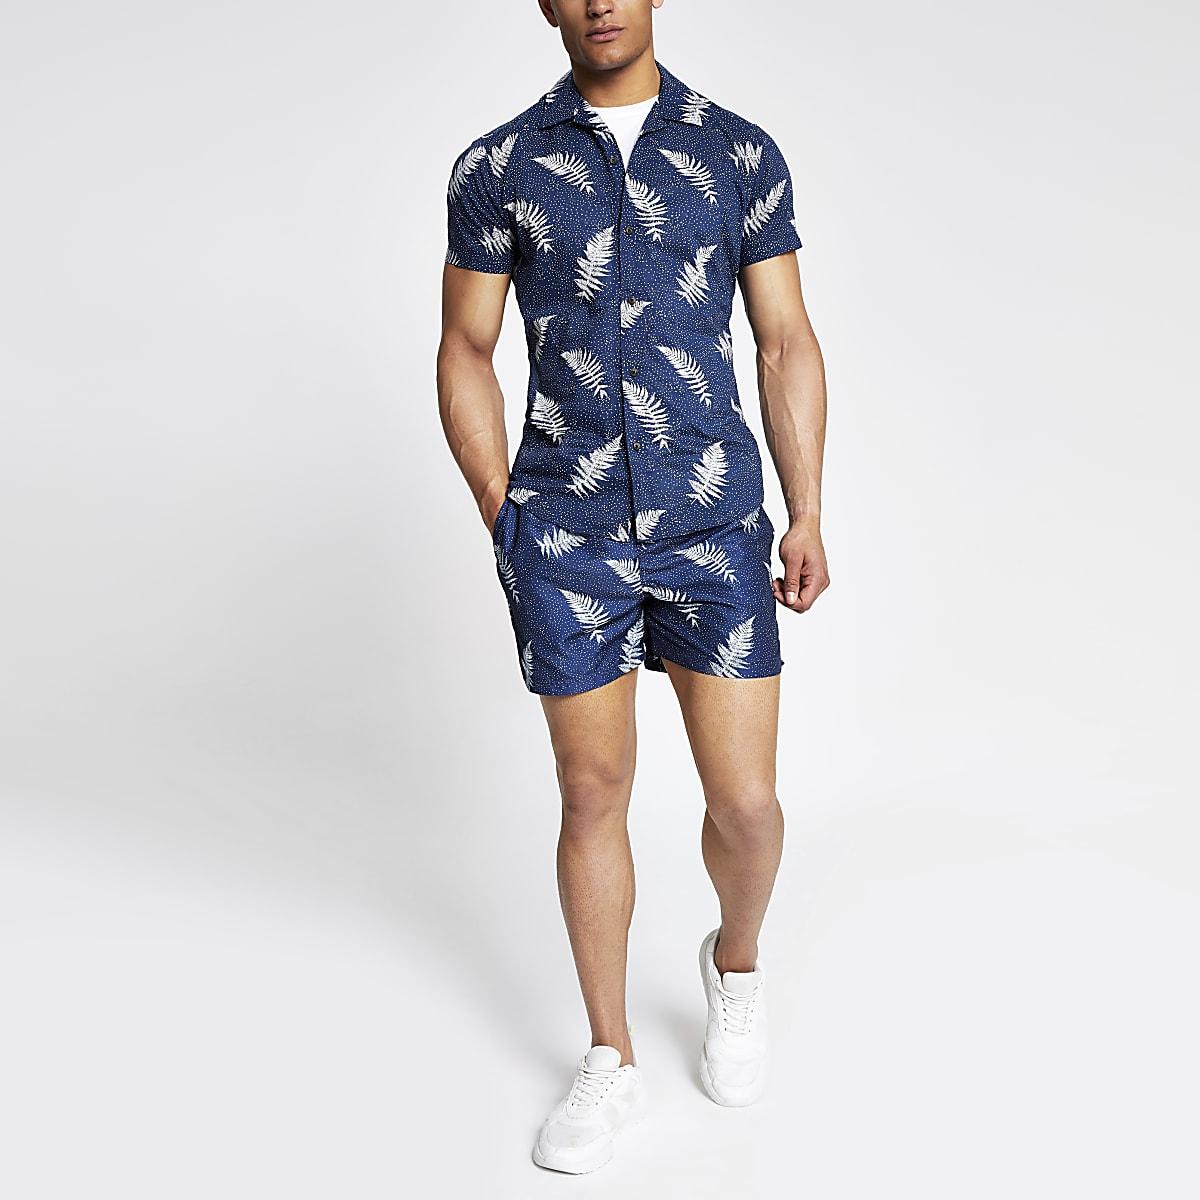 Selected Homme – Chemise manches courtes imprimée bleu marine